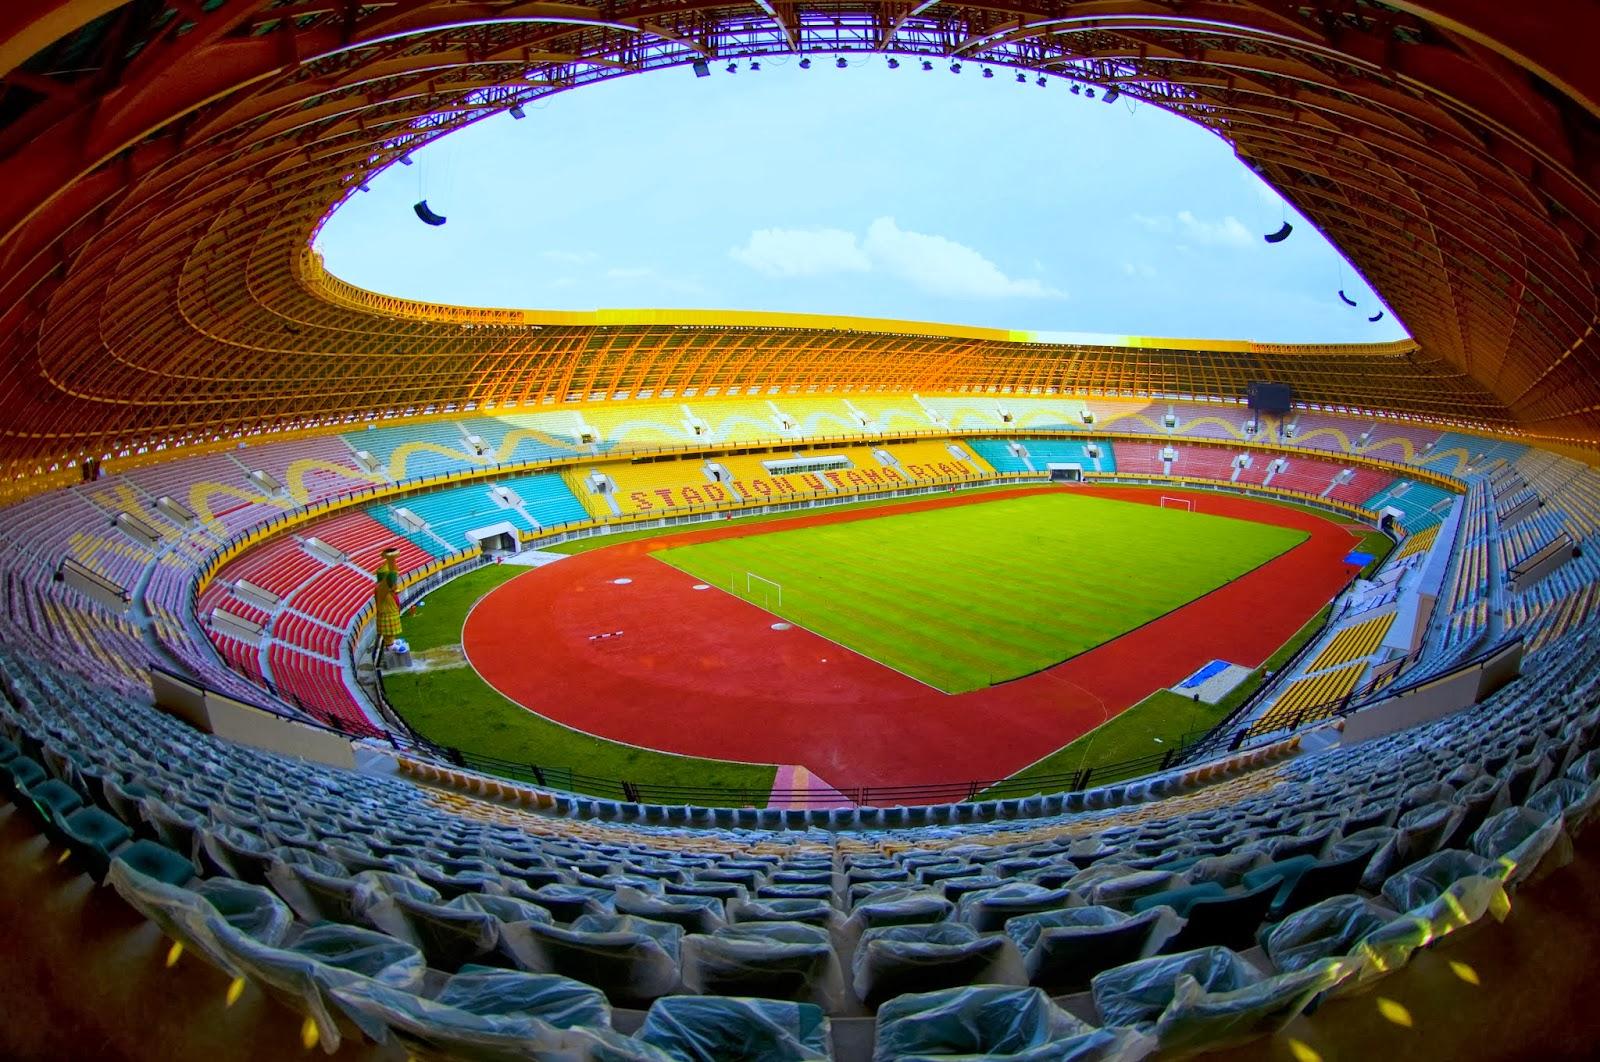 Gubernur Riau Akan Usulkan Stadion Utama Riau Sebagai Salah Satu Venue Piala Dunia U-20